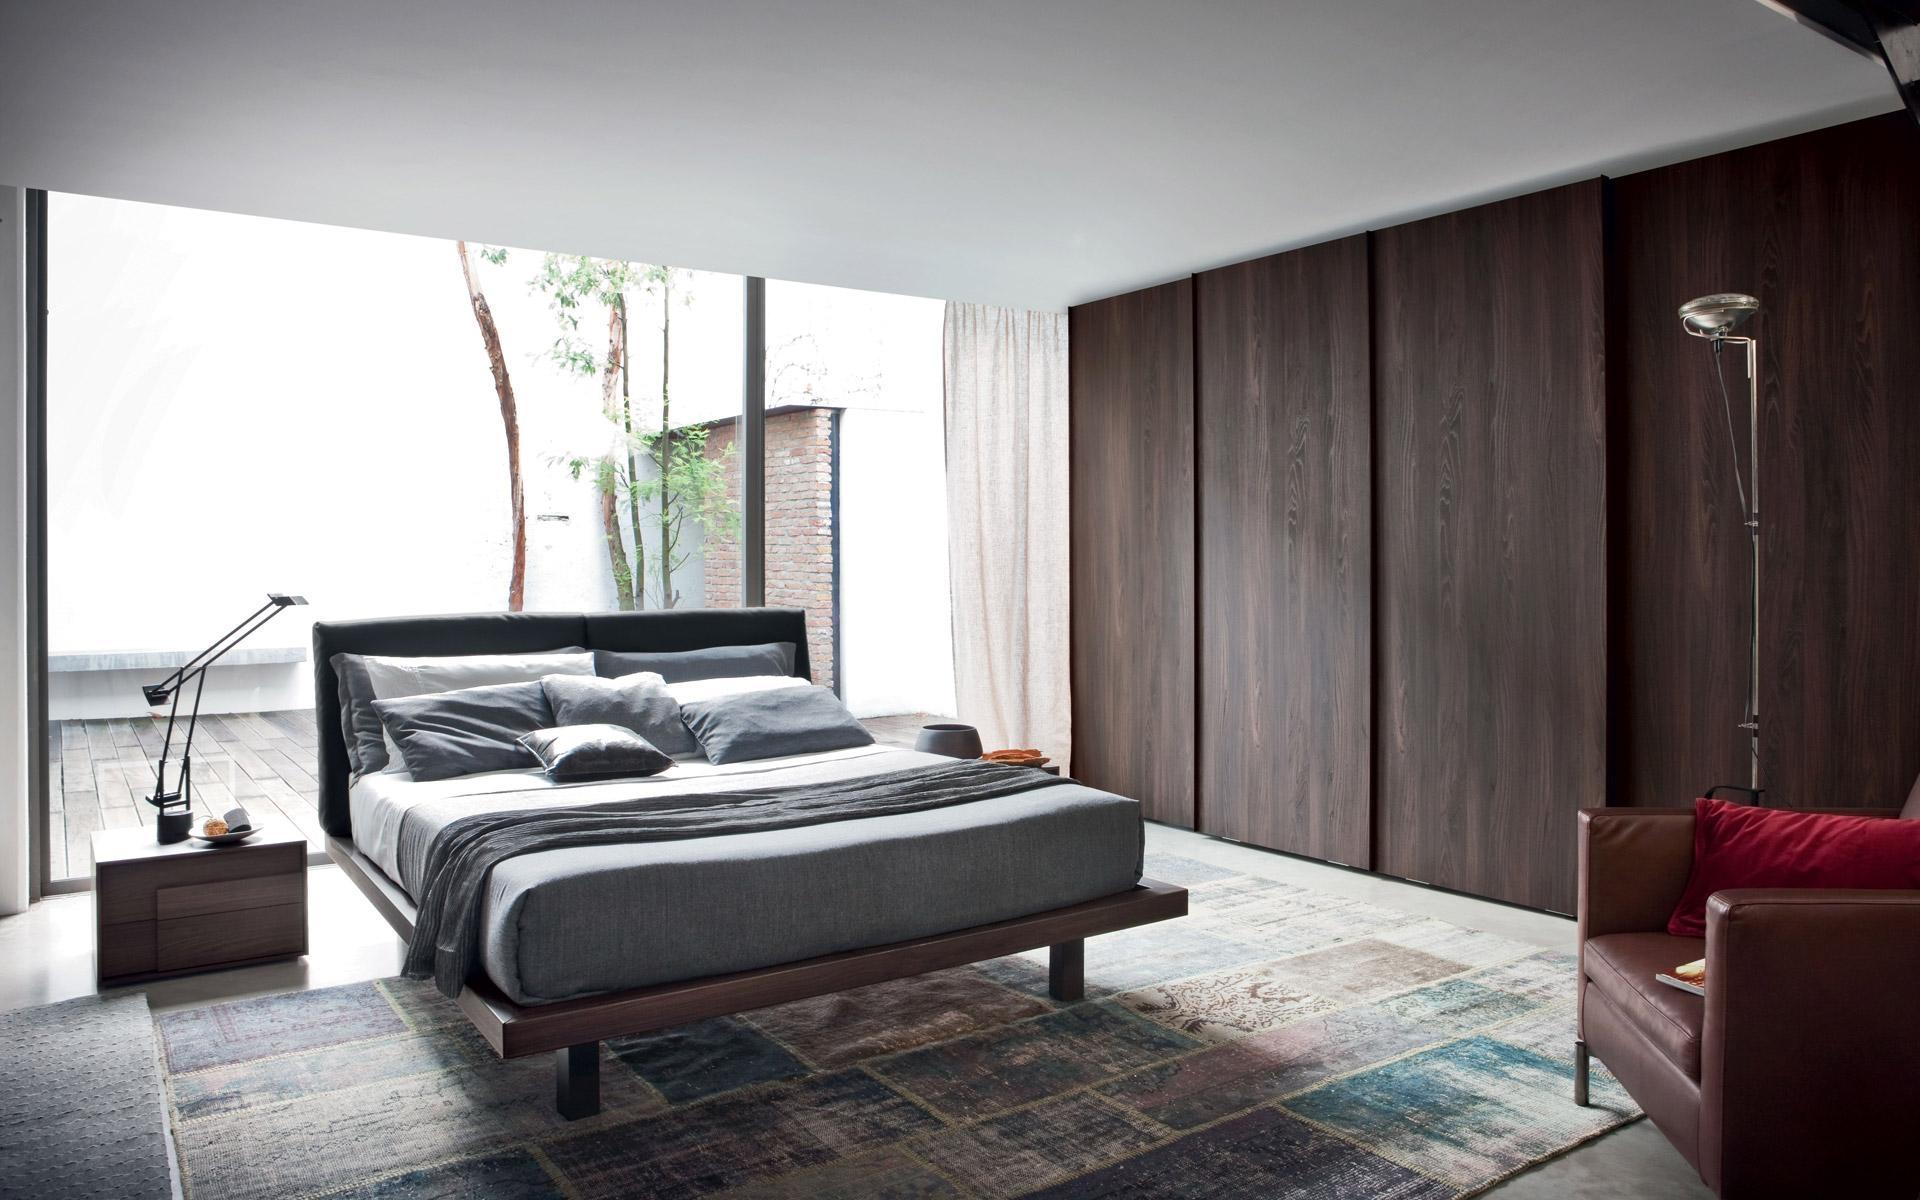 Tappeti moderni camera da letto - Tappeti camera da letto ...